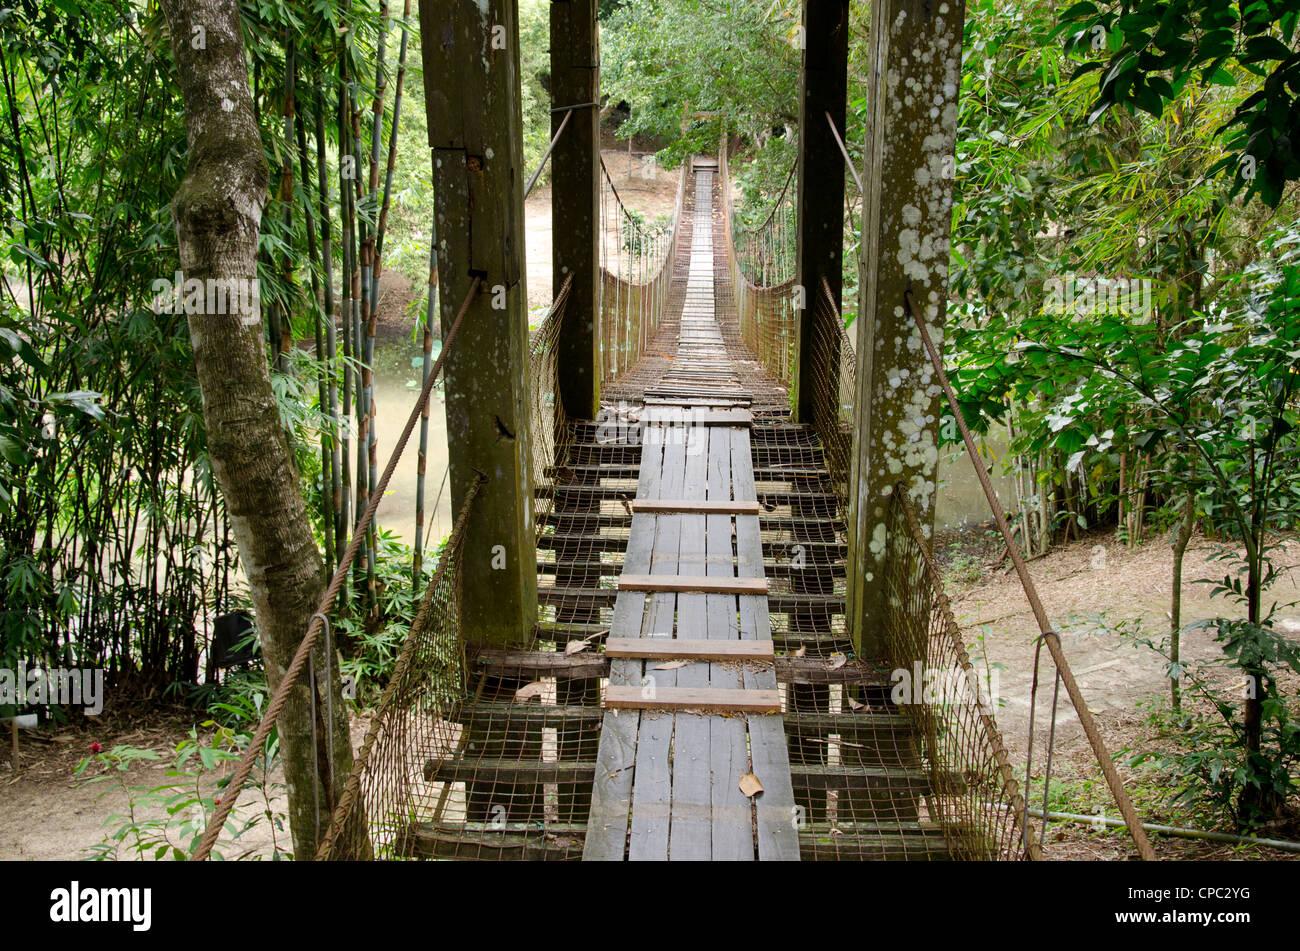 Malaysia, Borneo, Sabah, Kota Kinabalu. Heritage Cultural Village at Sabah Museum (State museum). - Stock Image